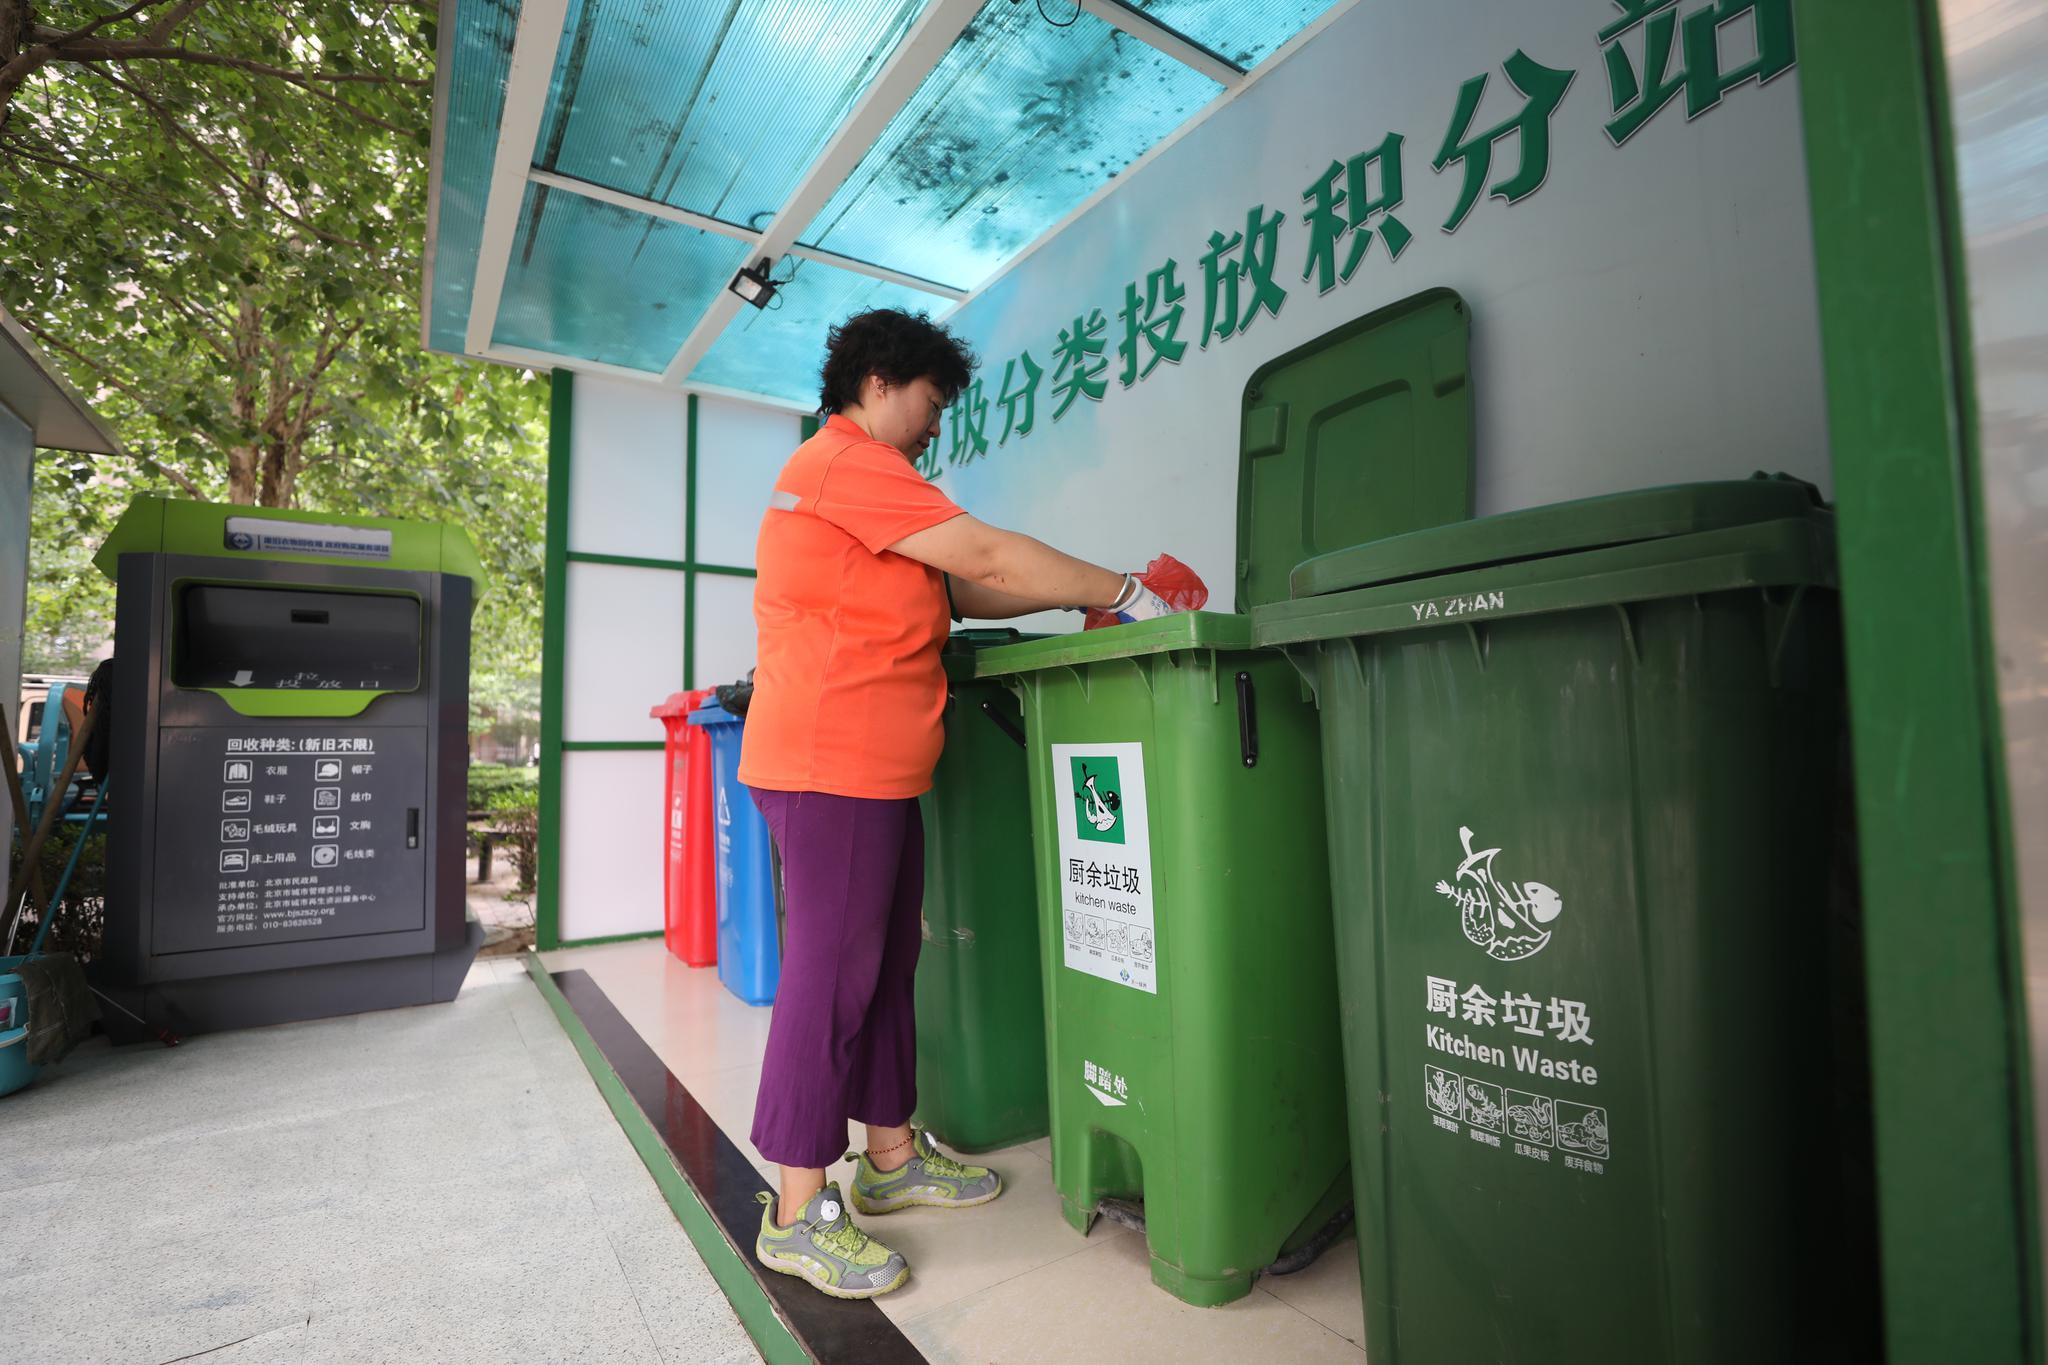 昨日,石景山区八宝山街道远洋沁山水南社区,工作人员将垃圾投入对应的垃圾桶中。 新京报记者 王飞 摄